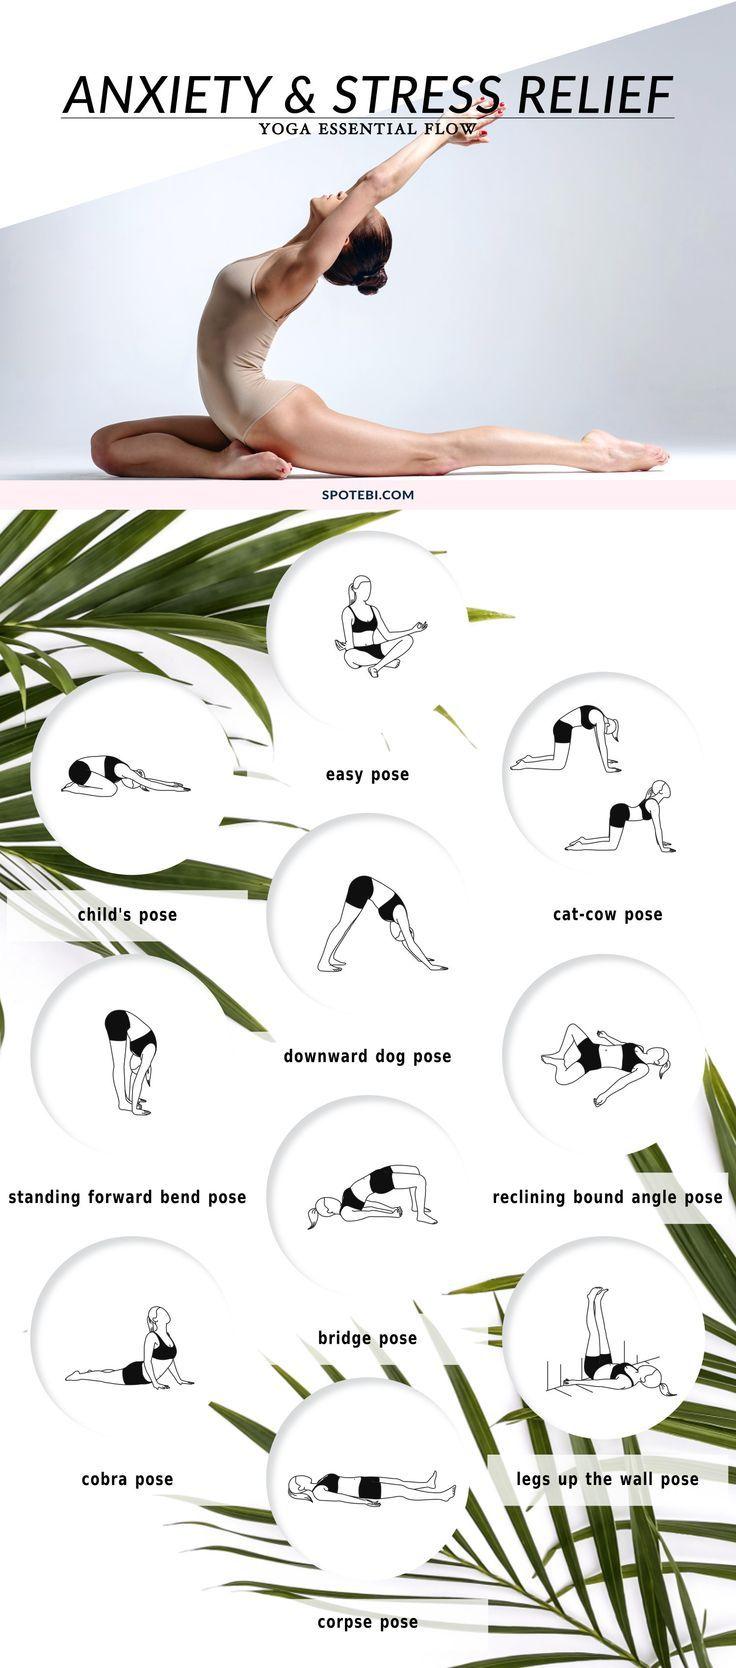 La práctica de yoga y meditación regular puede ayudar a reducir el estrés y l...